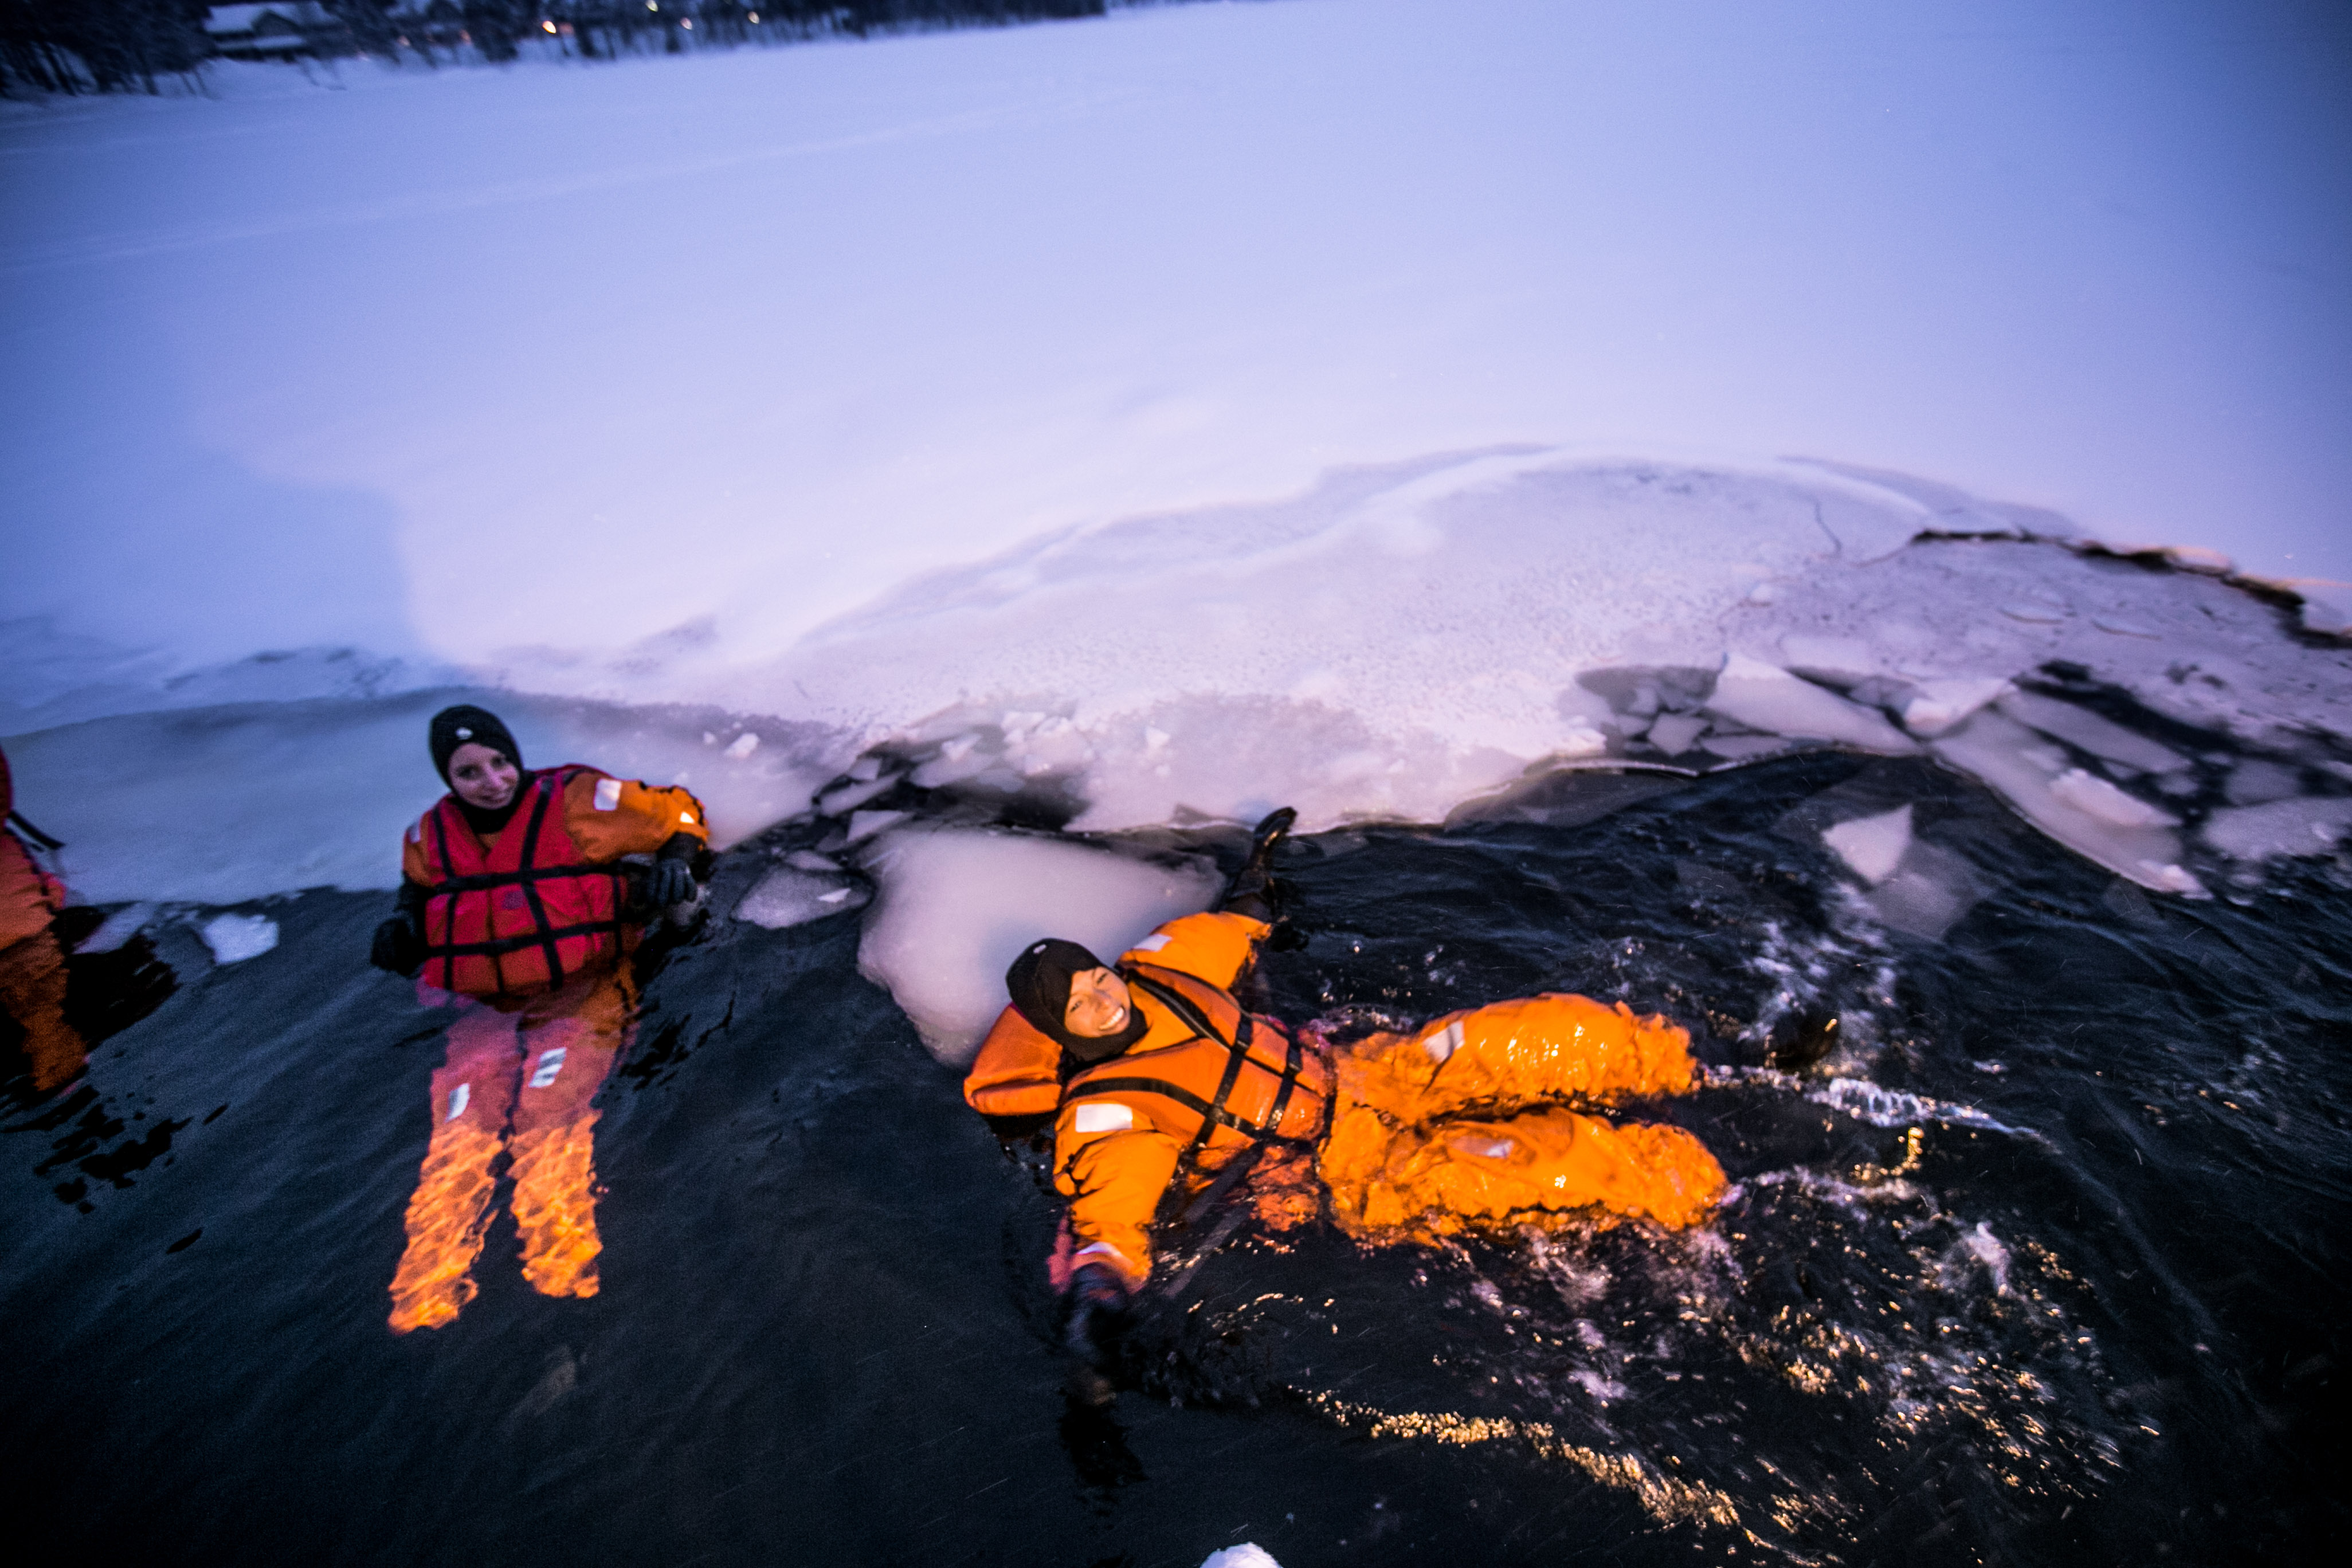 Finnland im Winter, Vuokatti, Tipps, Eisbaden, Ice bathing, Floating